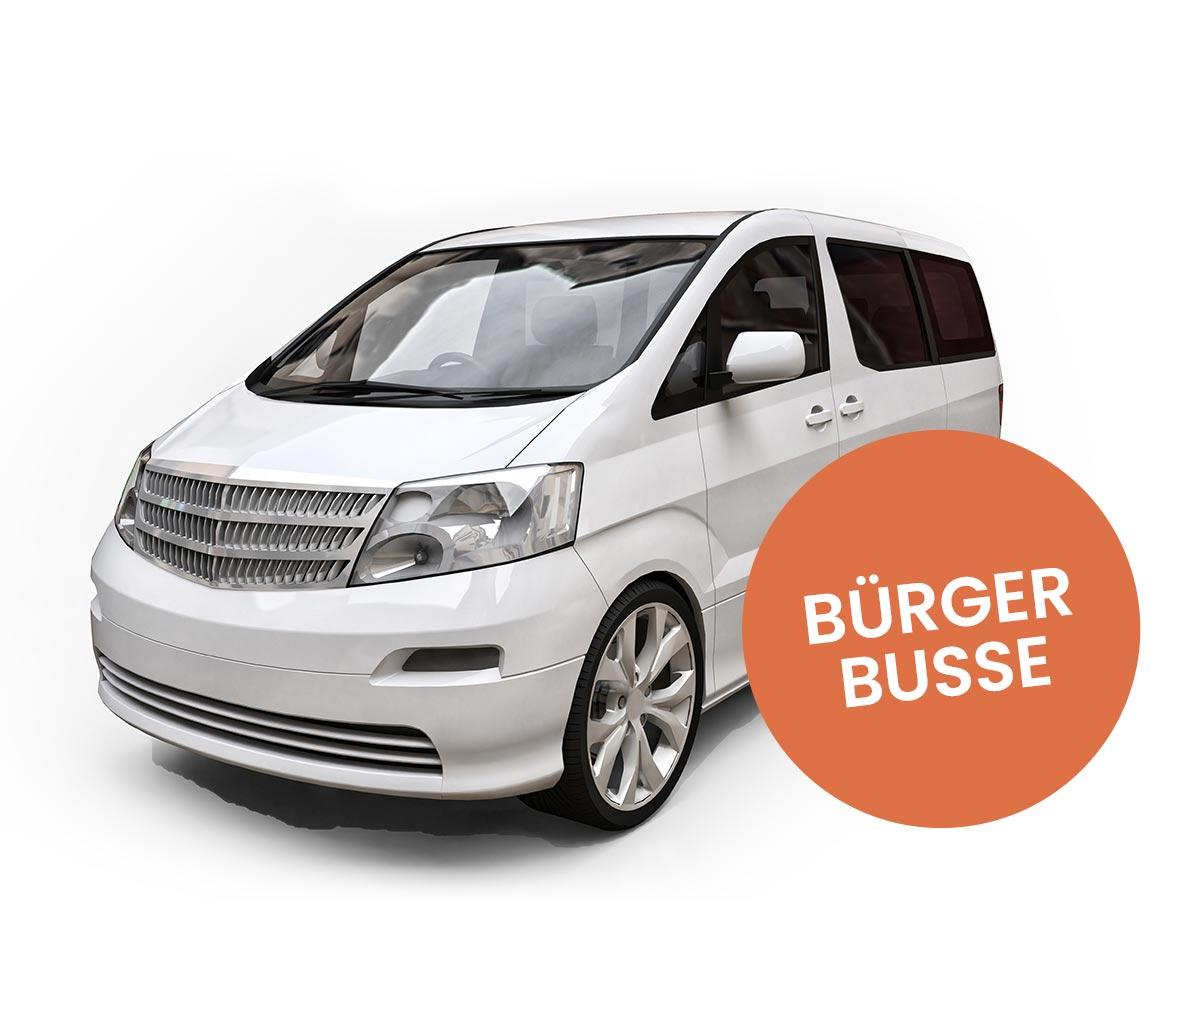 Landkreis Bad Kissingen - Content: Bus / Bürgerbusse